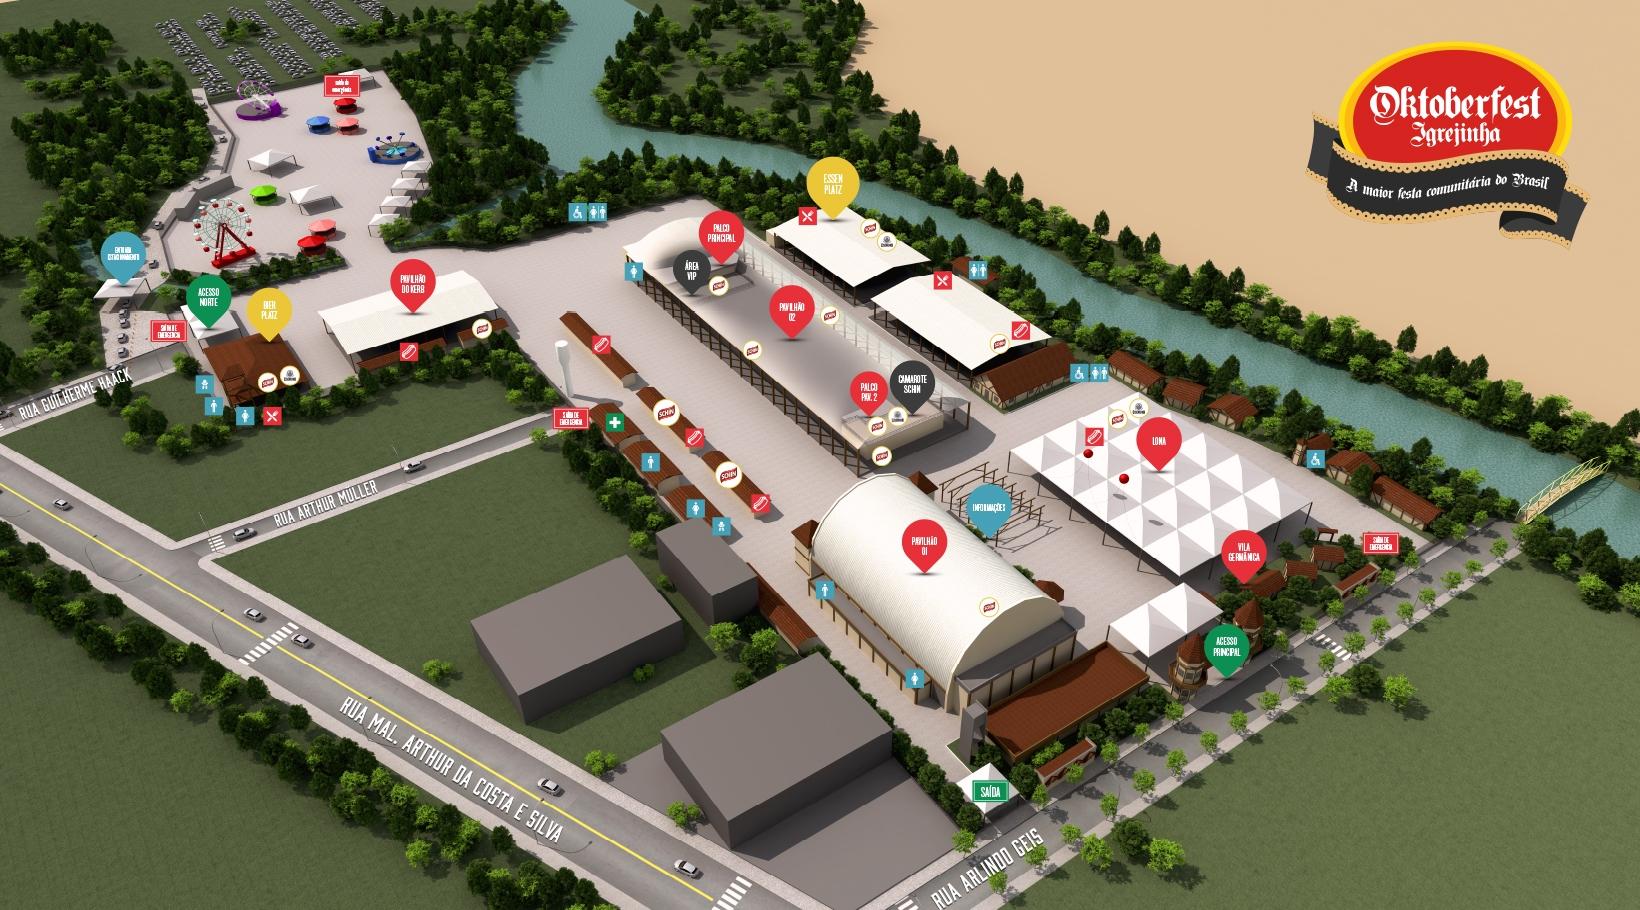 imagem do mapa do parque da oktoberfest